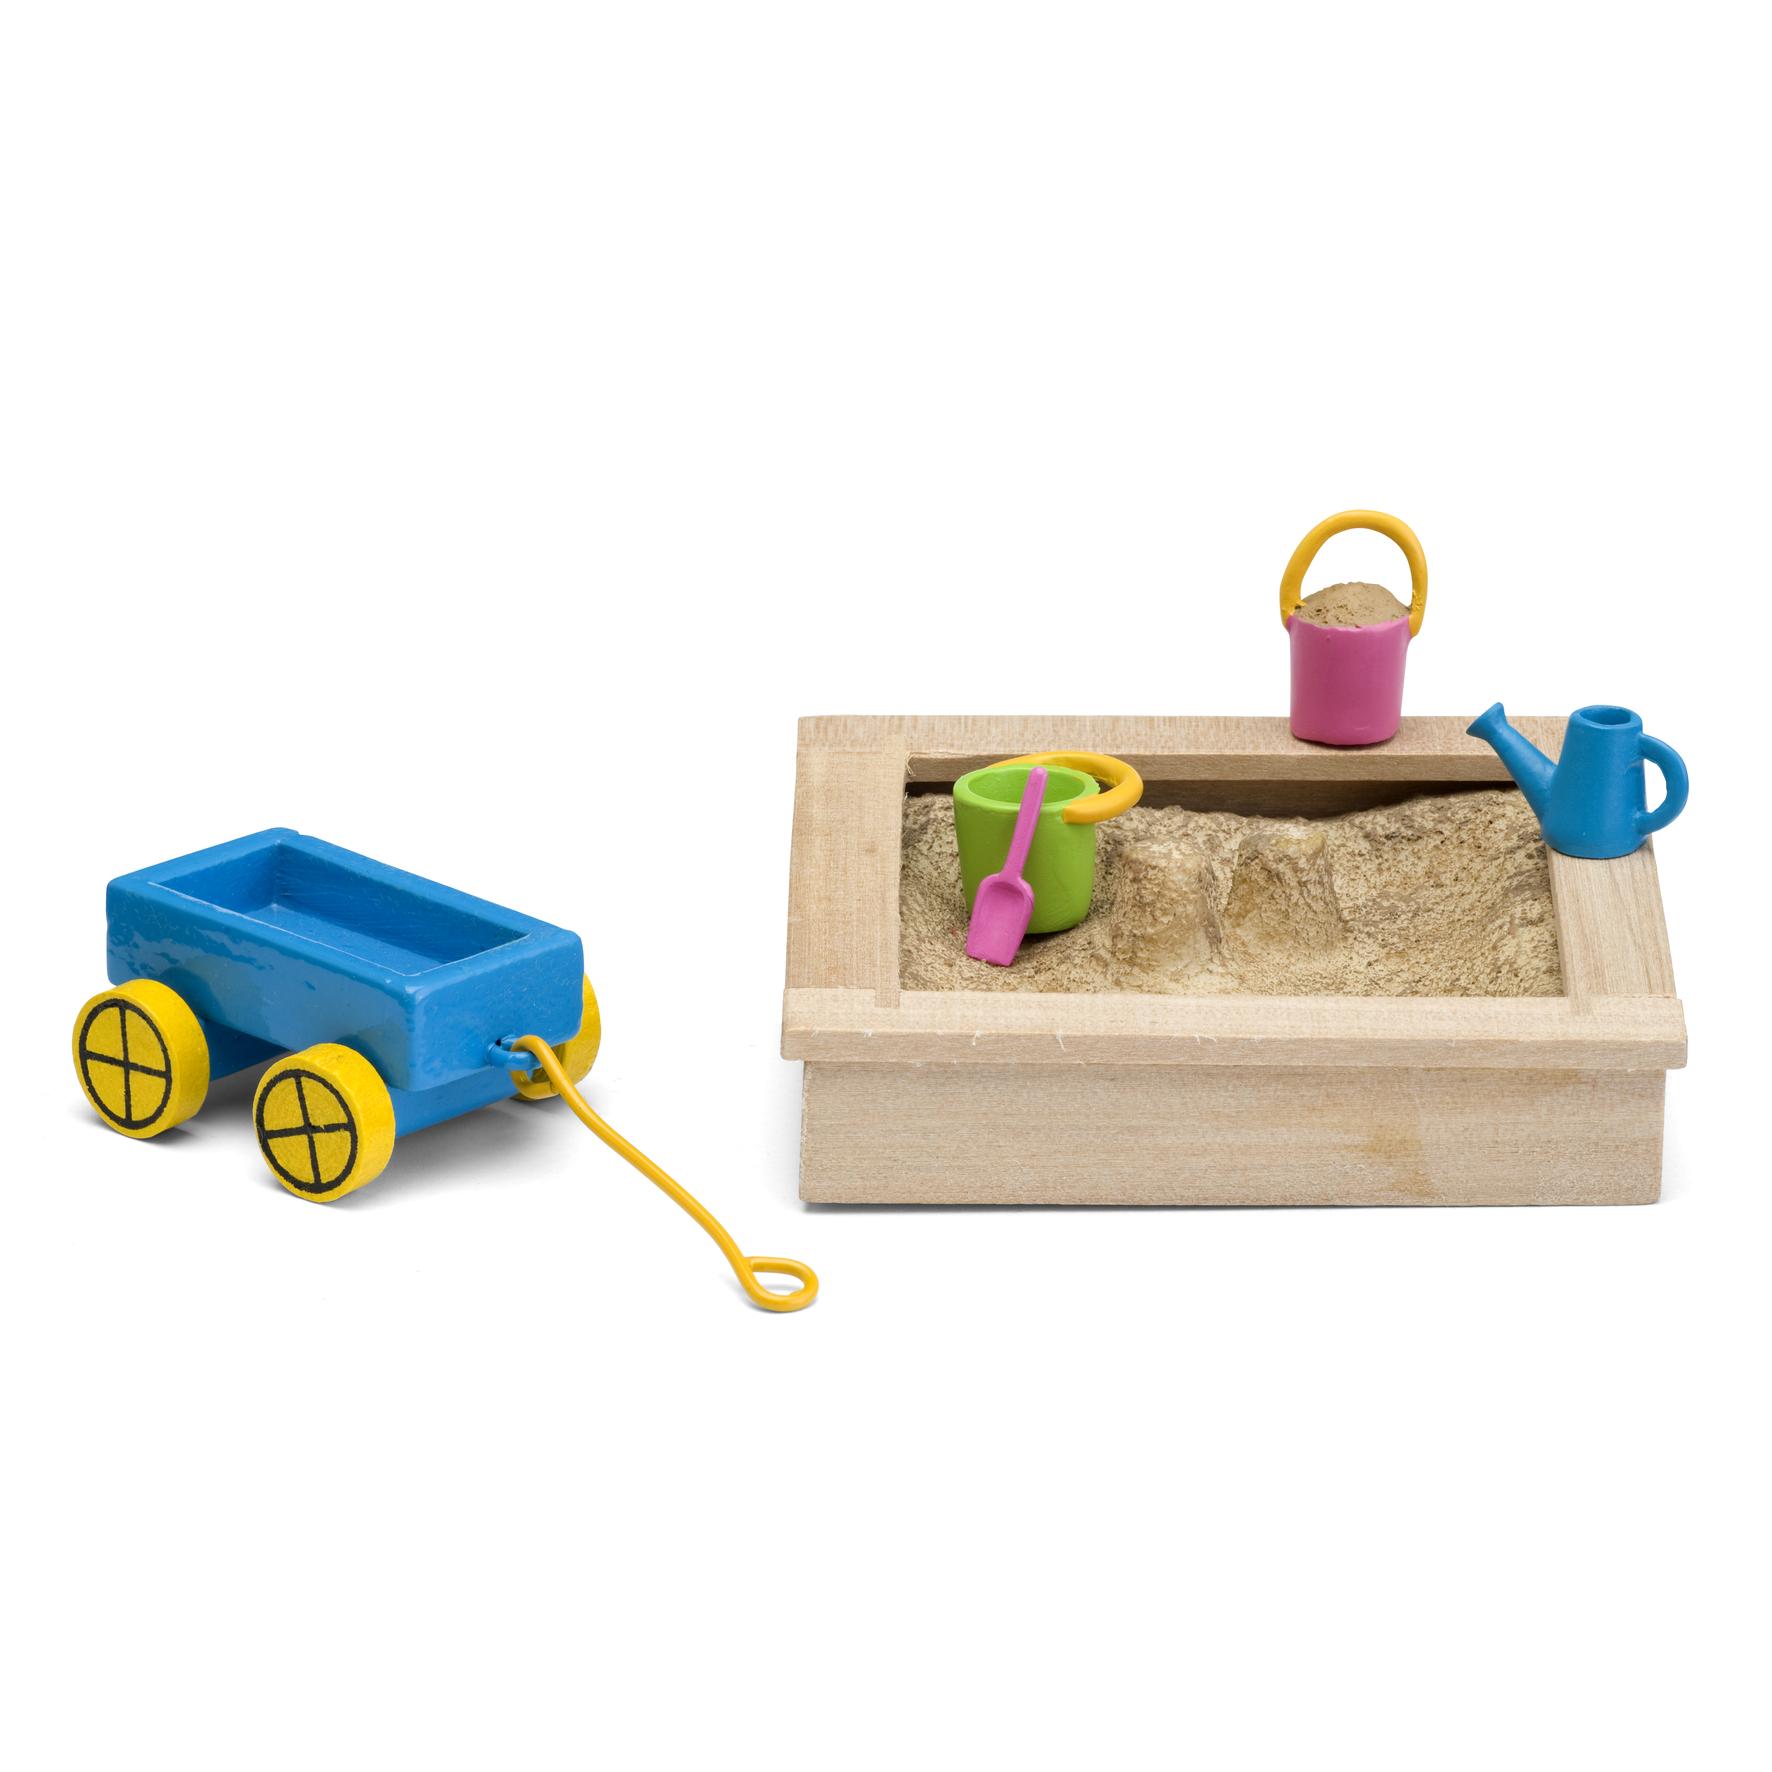 Купить Кукольные домики, Игровой набор Lundby для домика Смоланд Песочница с игрушками,